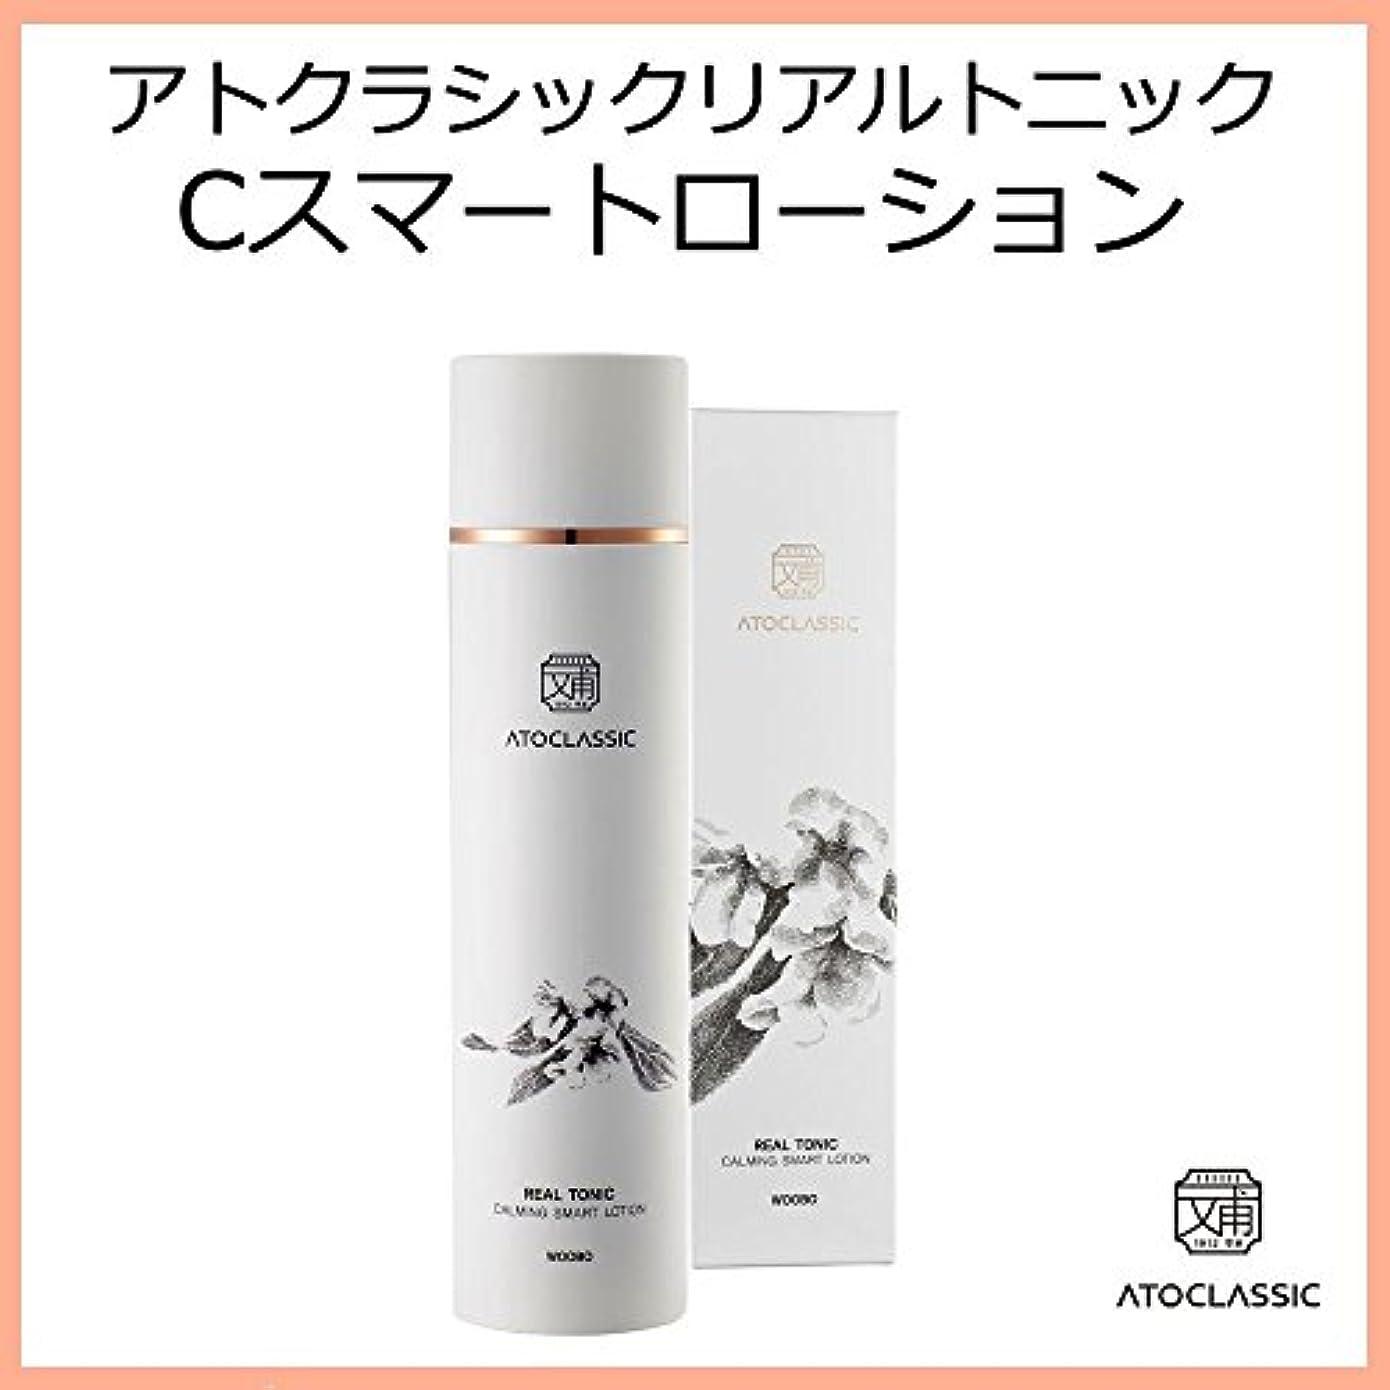 小売アスリート松の木韓国コスメ ATOCLASSIC アトクラシックリアルトニック Cスマートローション(Calming Smart Lotion) 200ml